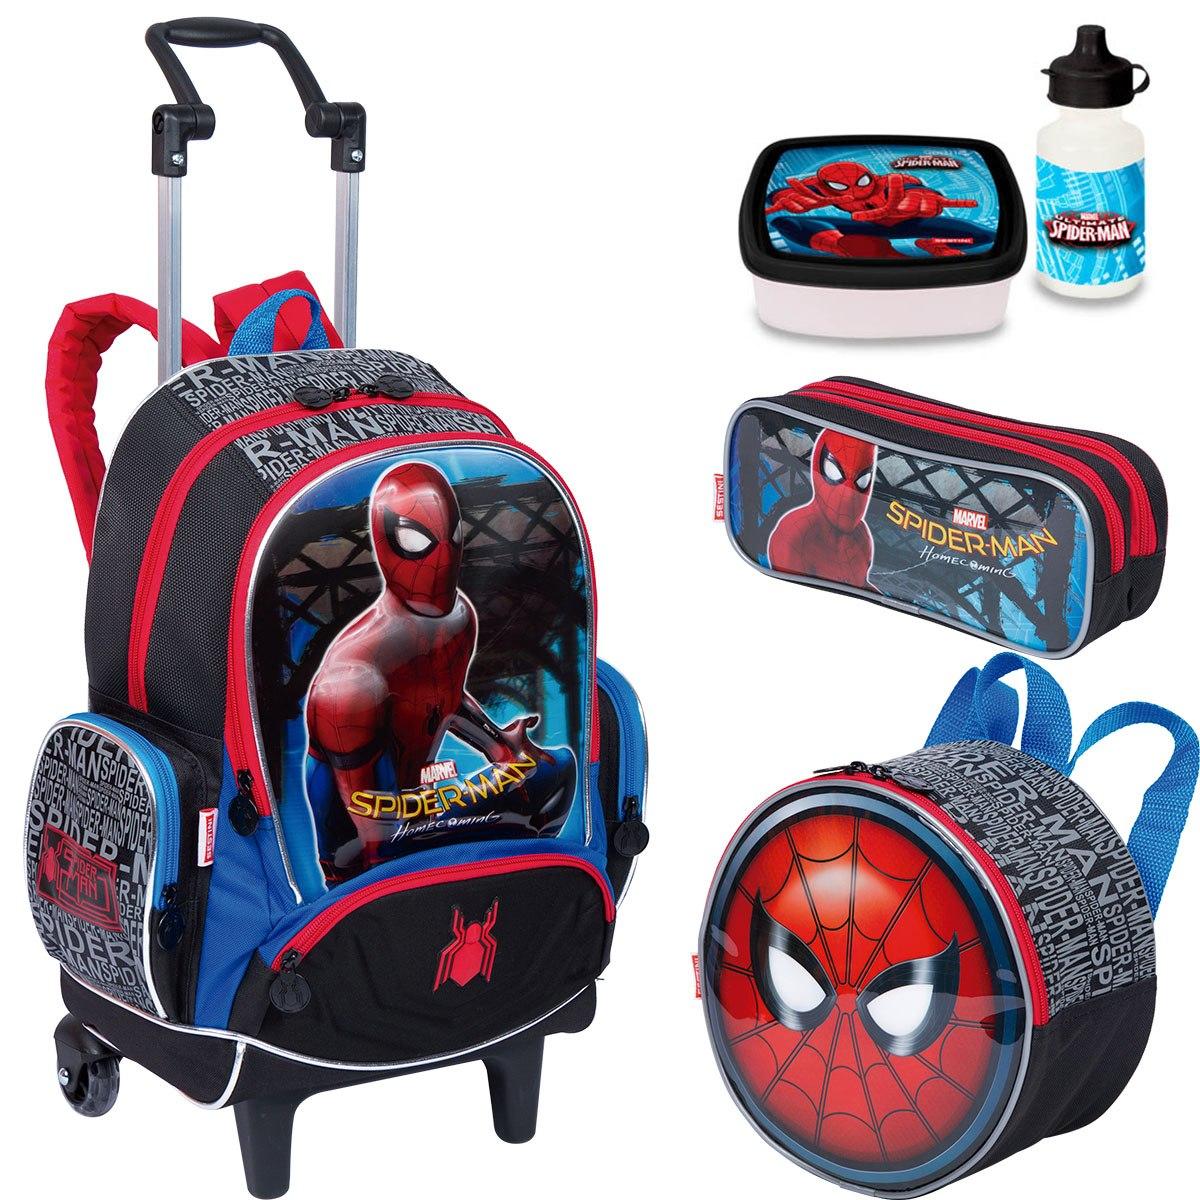 faef1b7e6d5609 kit mochila rodinha homem aranha lancheira estojo sestini. Carregando zoom.